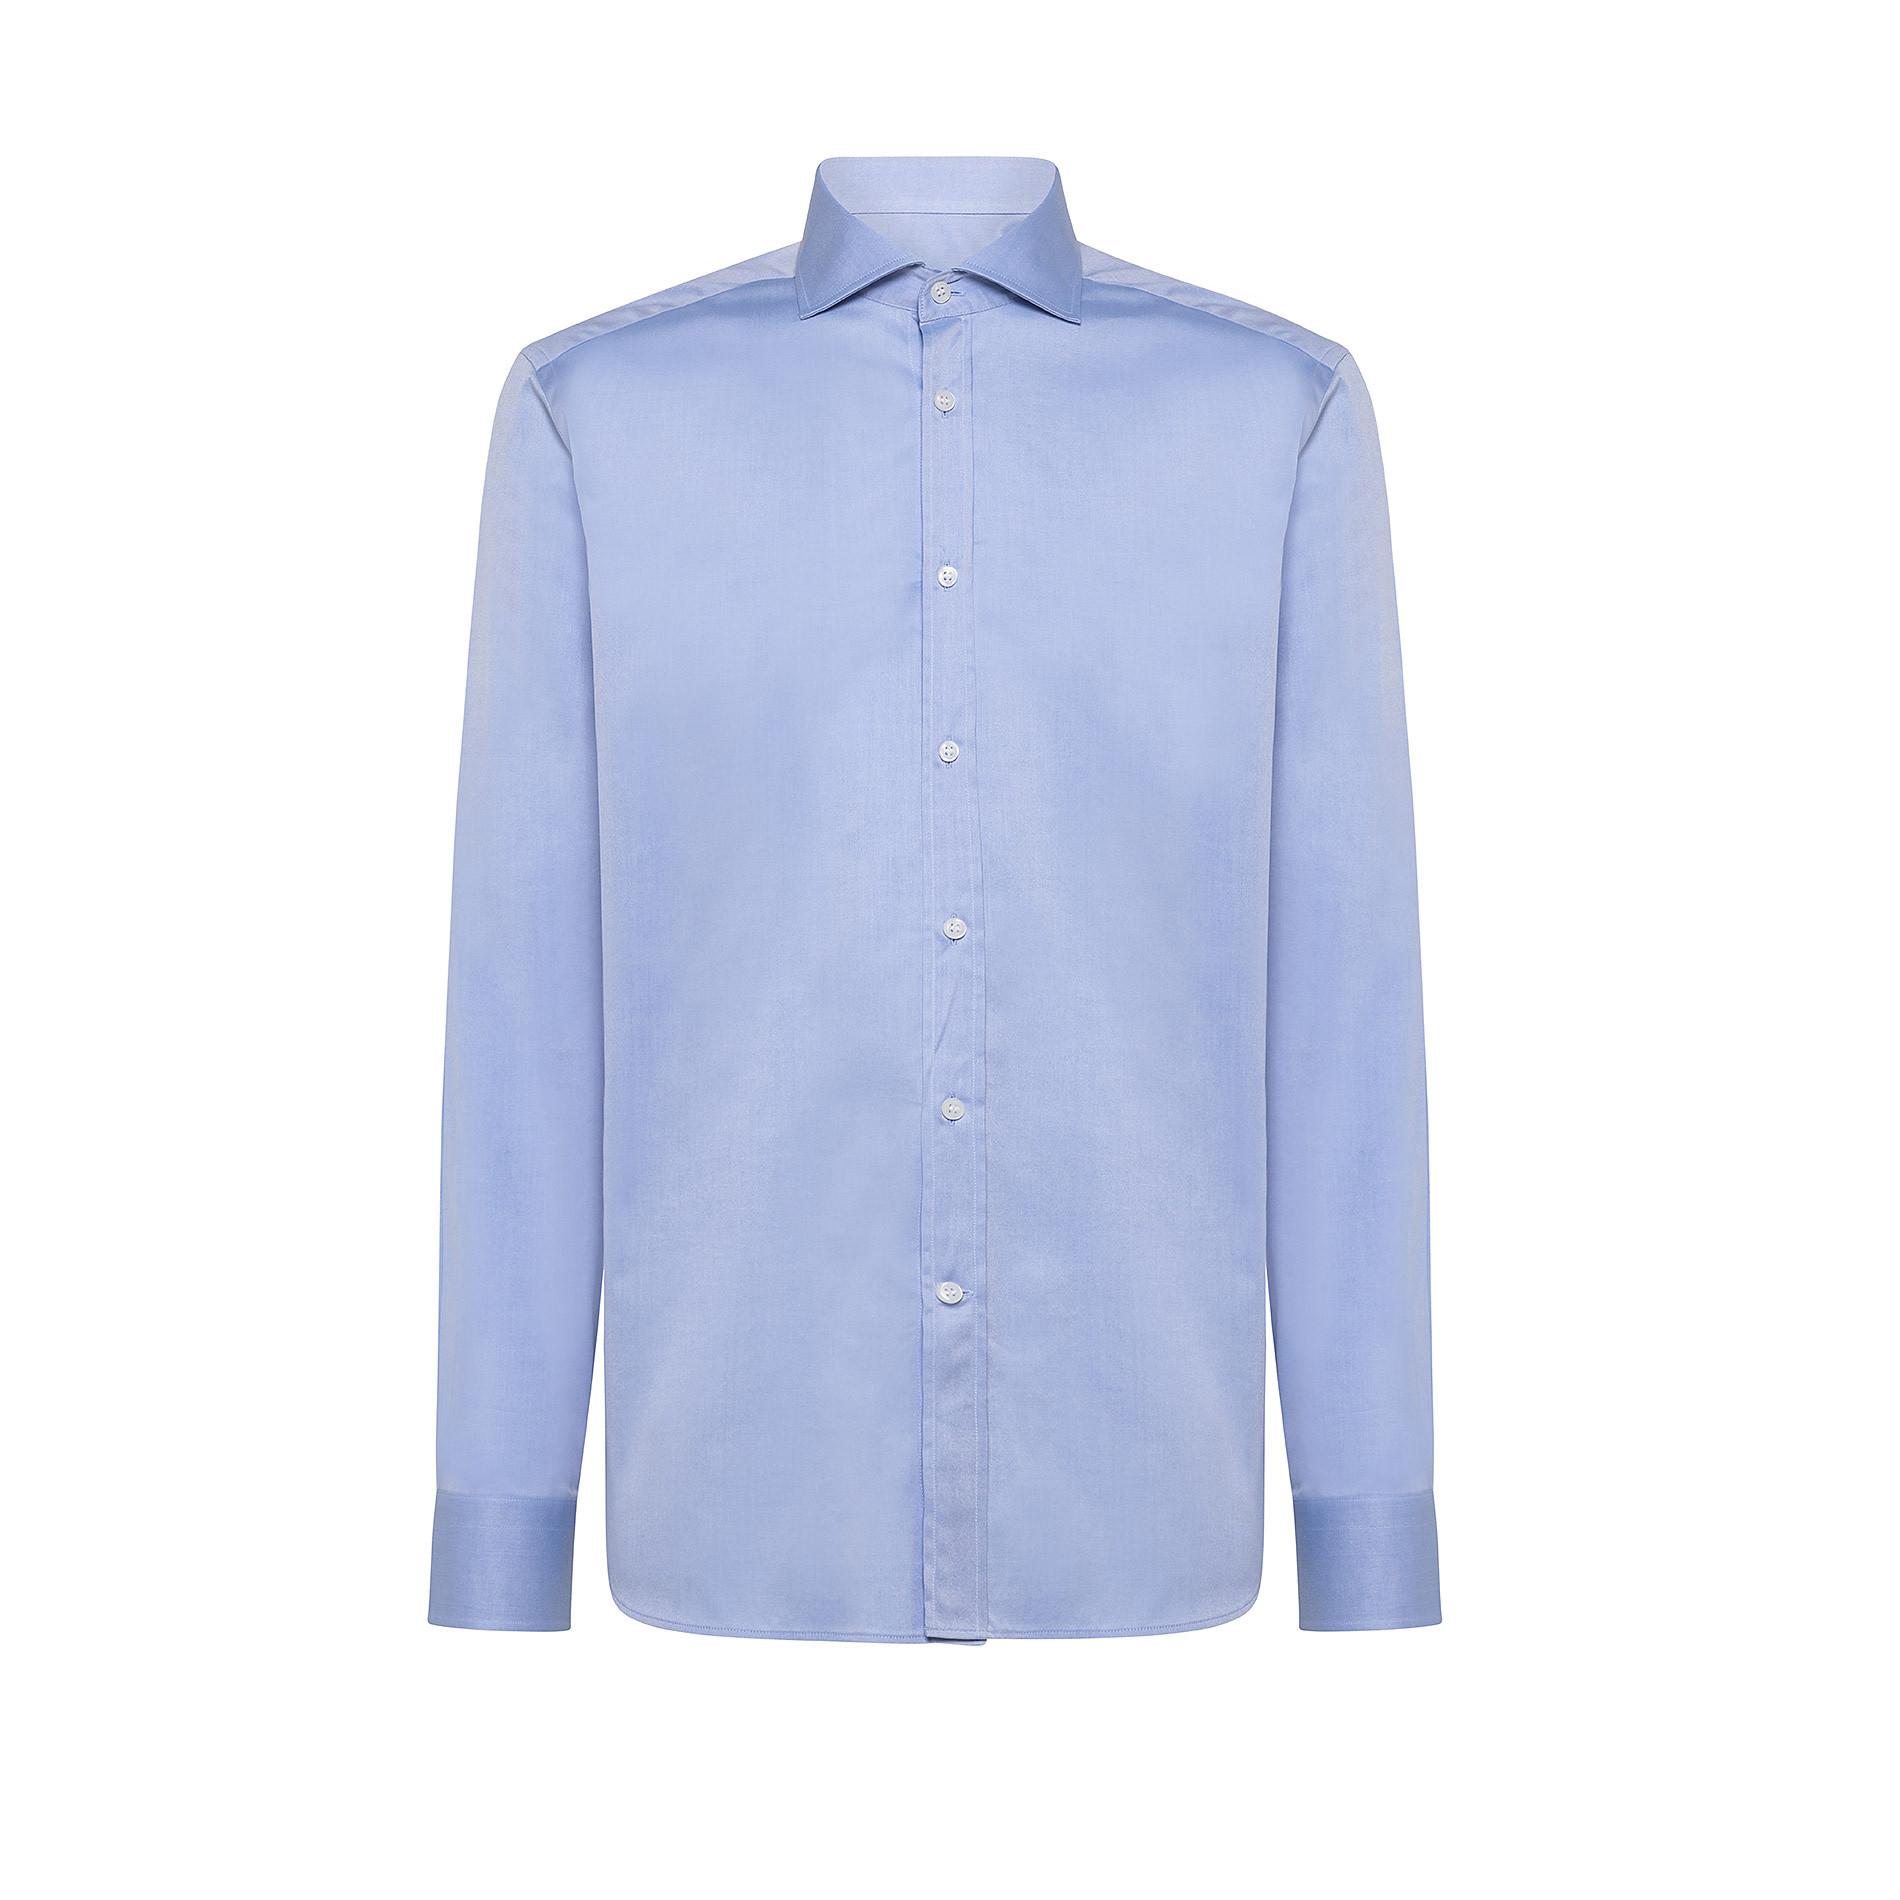 Camicia colletto francese in twill di cotone, Azzurro, large image number 0